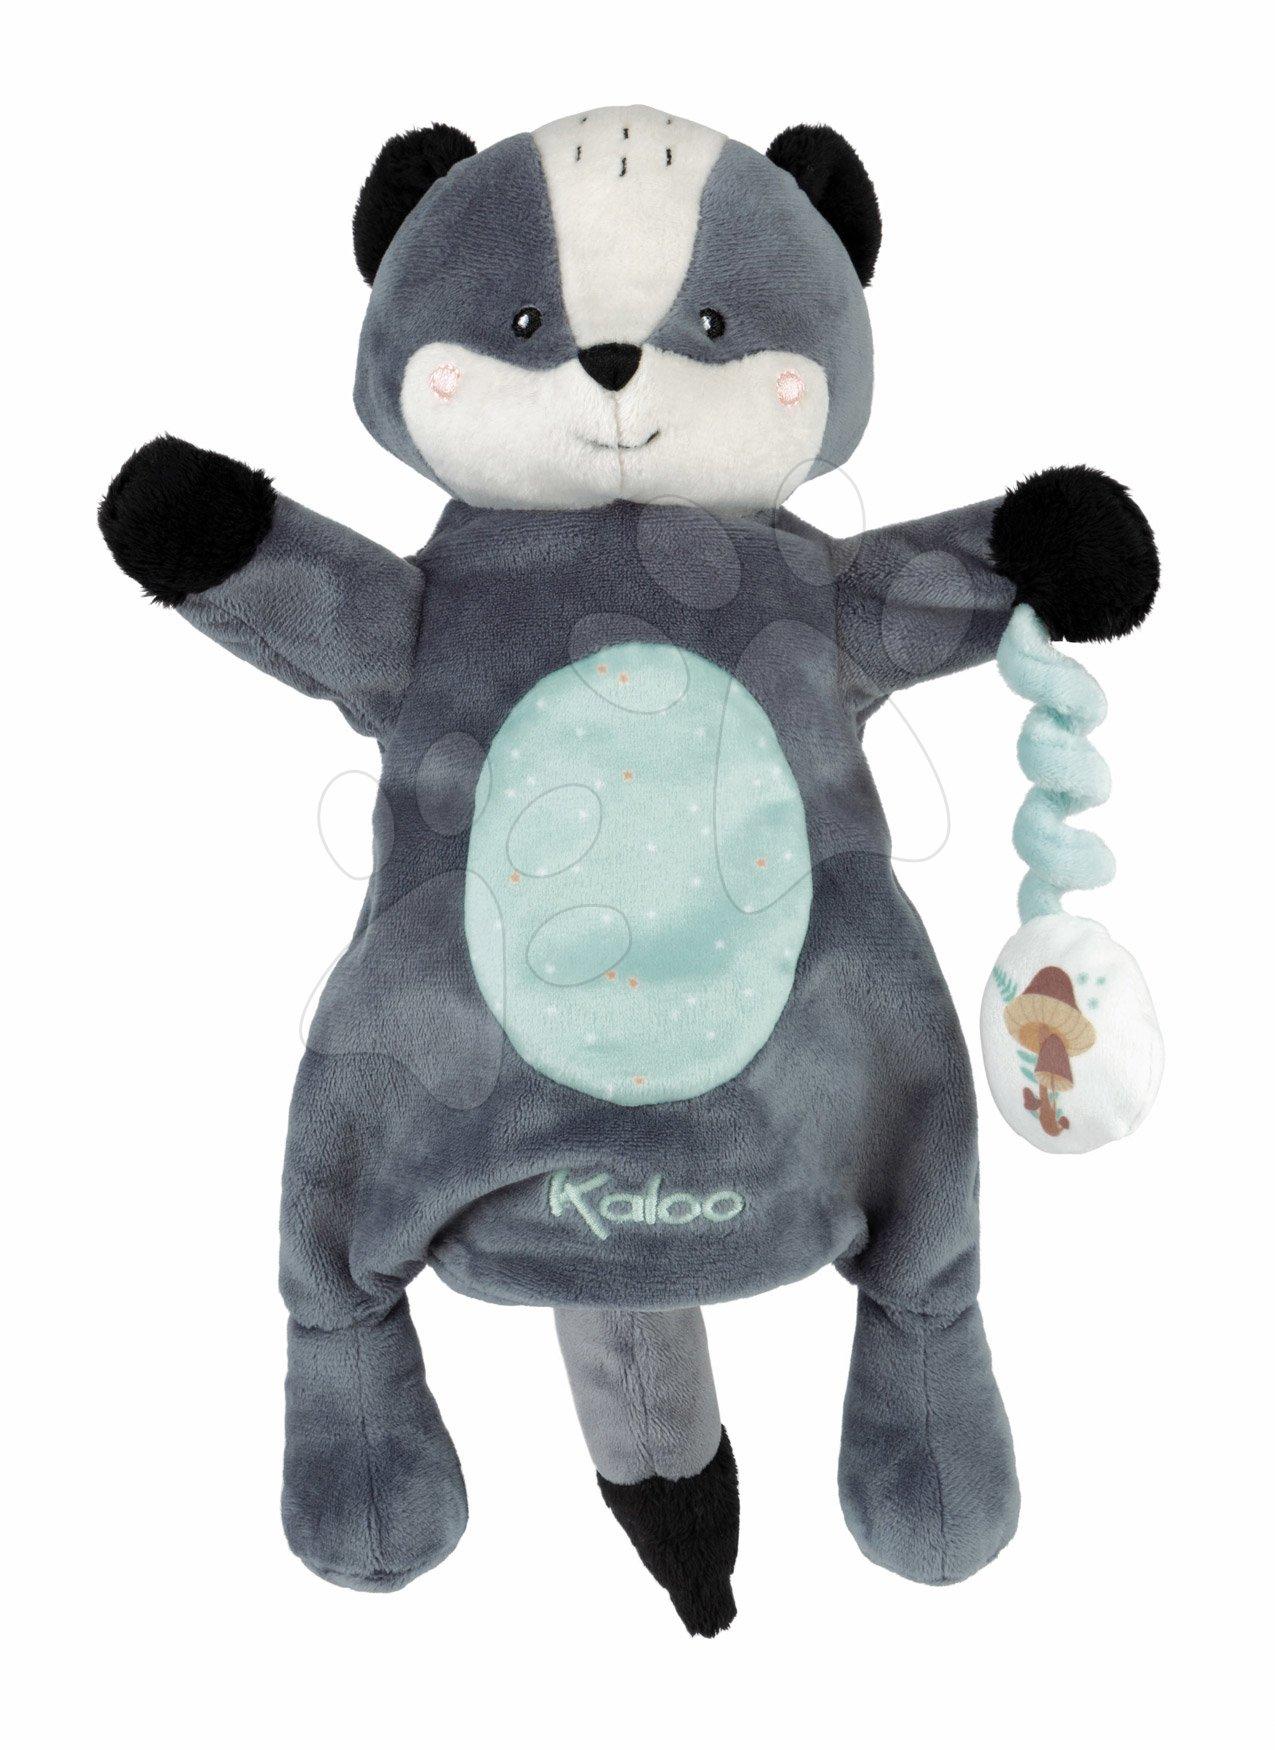 Plyšový medvedík bábkové divadlo Malo Kachoo Kaloo s príveskom hríbik 30 cm pre najmenších od 0 mes